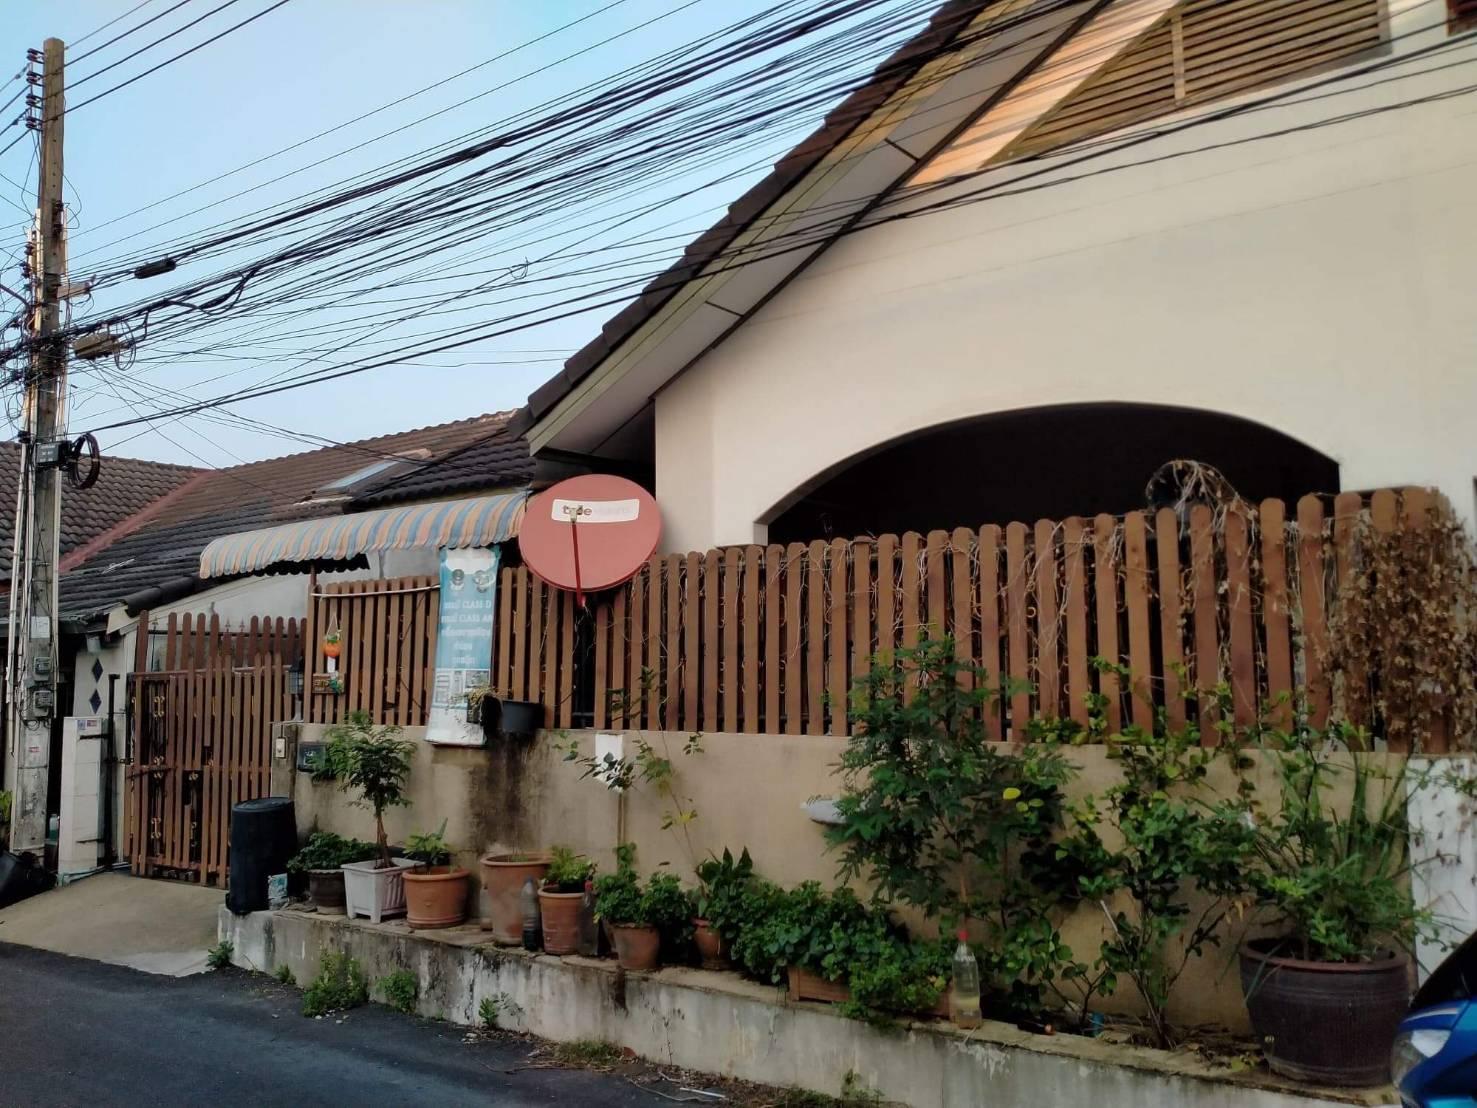 ขายทาวน์เฮ้าส์ หมู่บ้าน ฉัตรแก้วกรุ๊ปA ซอย เนินพลับหวาน พัทยา ชลบุรี